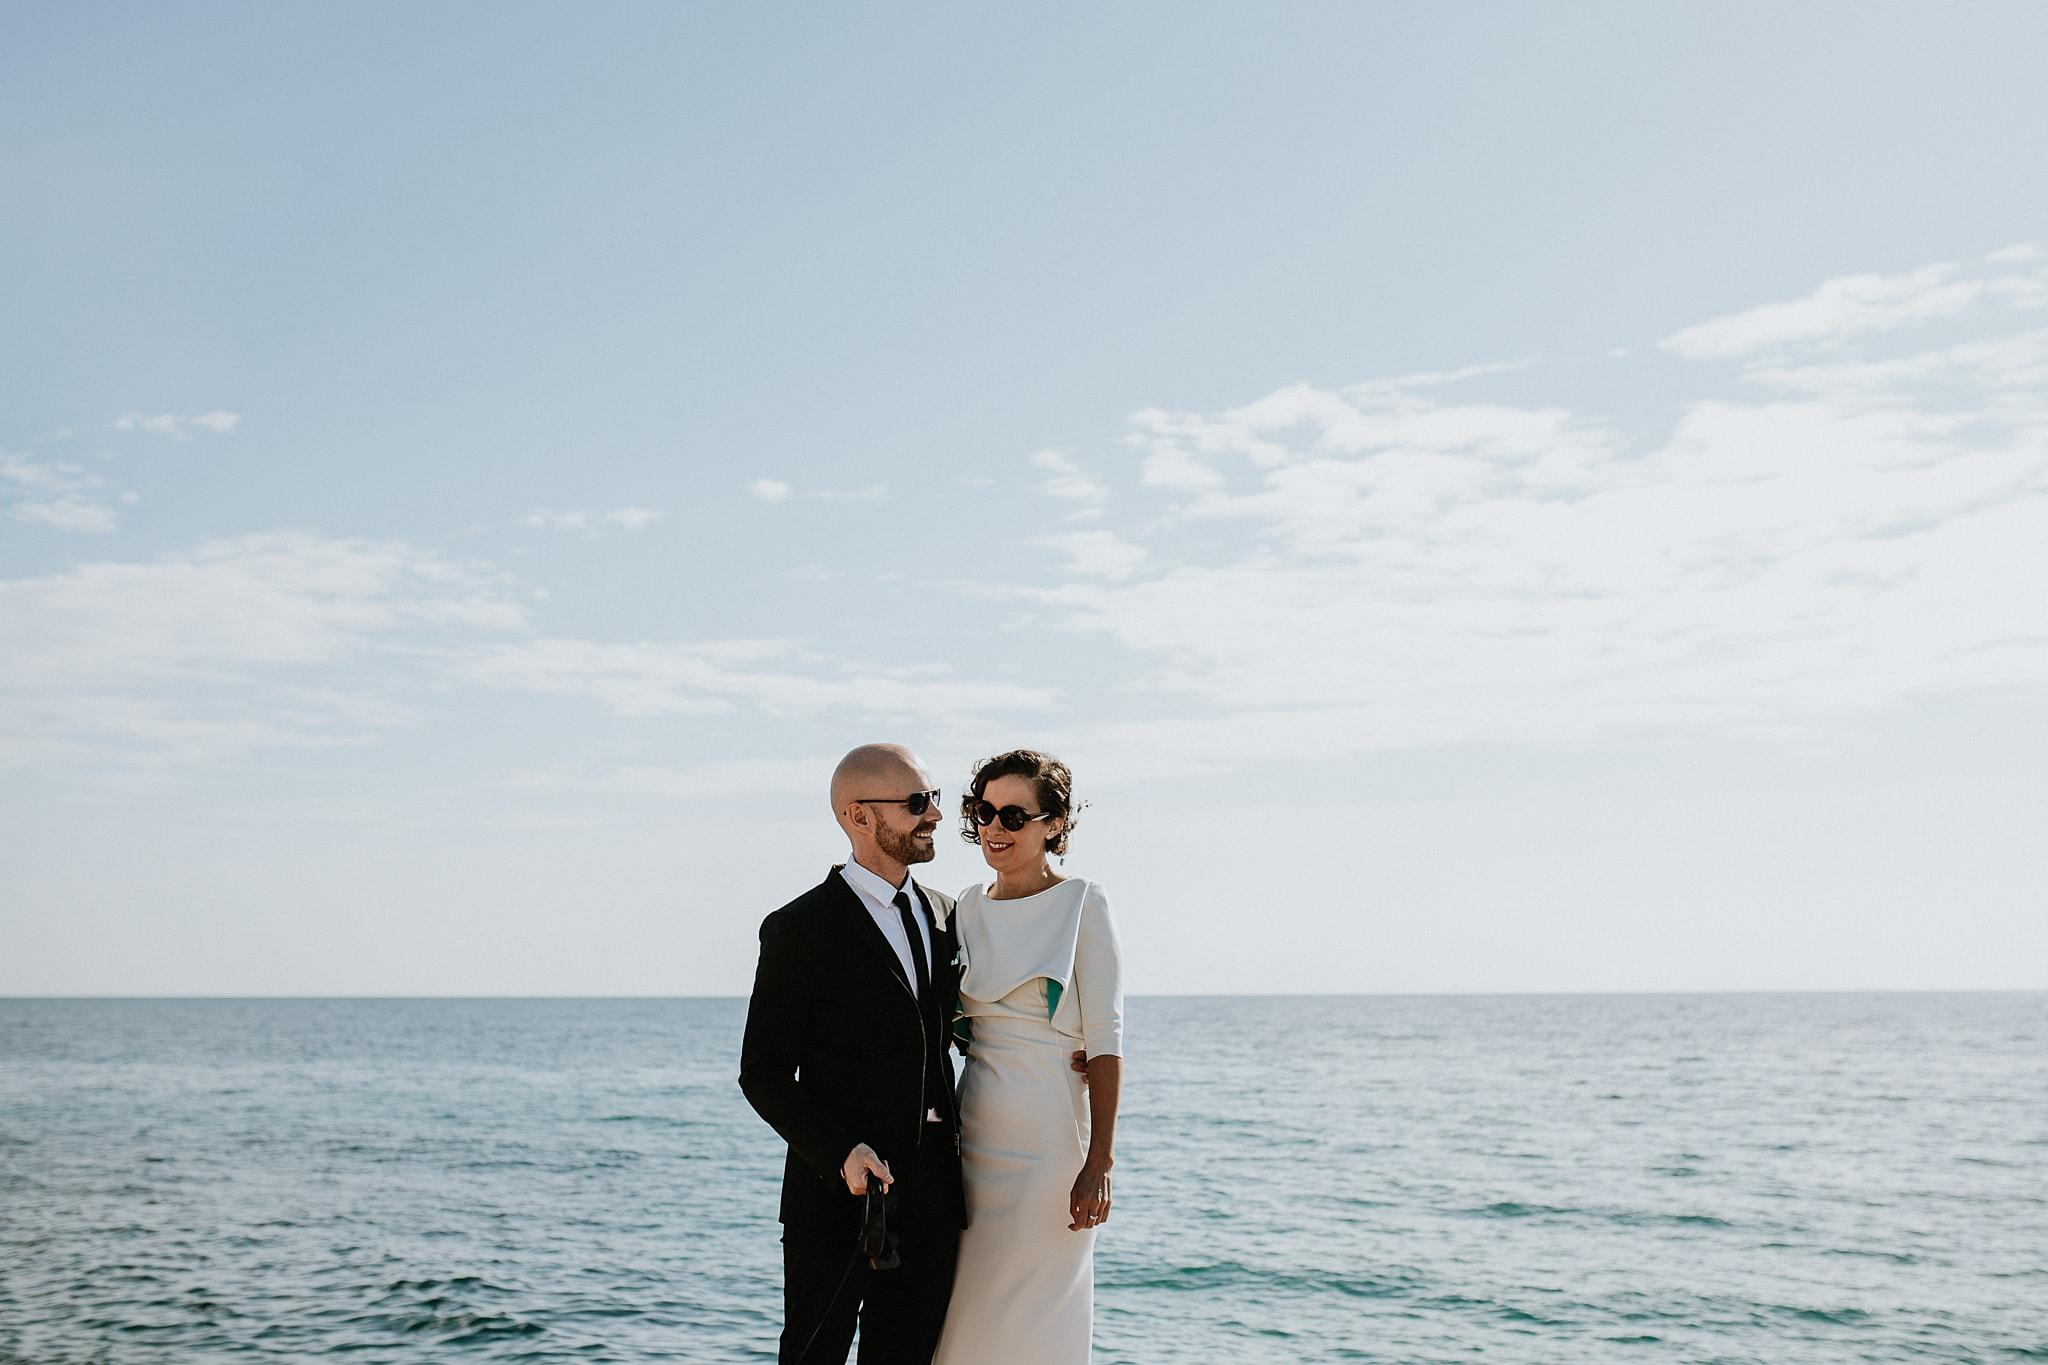 prisma-blanco-fotografia-bodas-altea-72